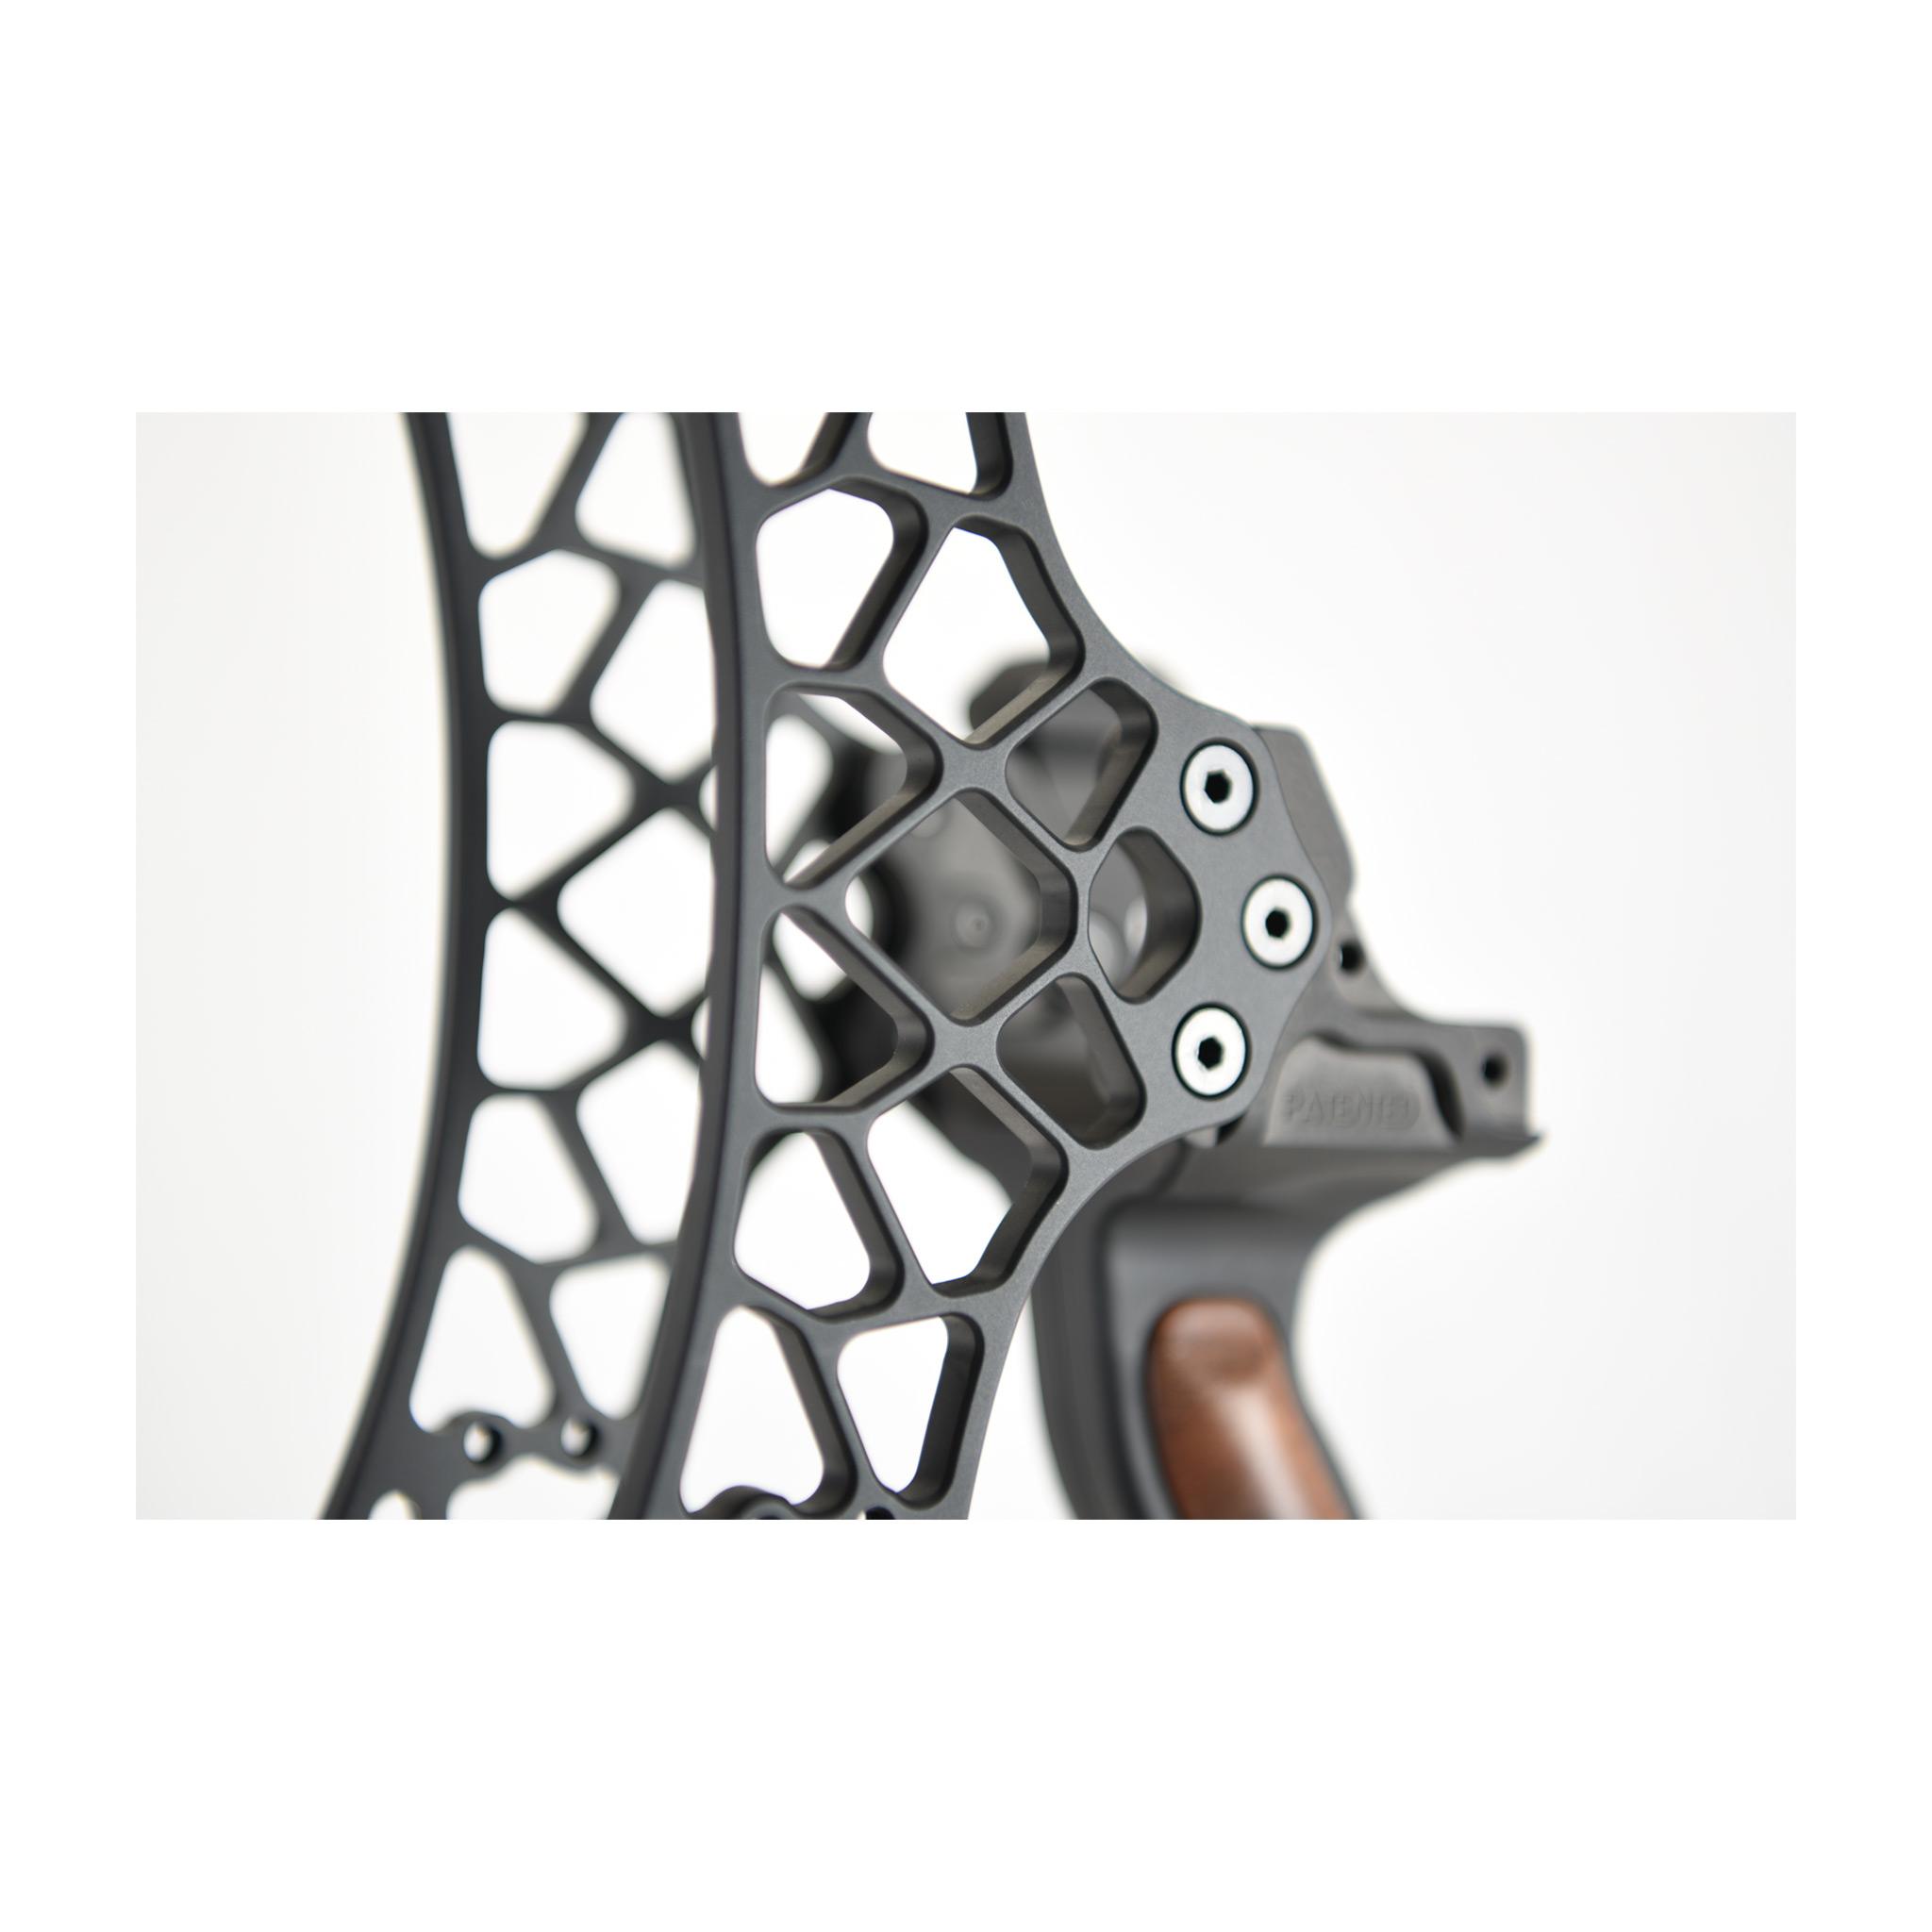 Poignée standard anodisée BLACK de la série PRO ALU de Gearhead Archery